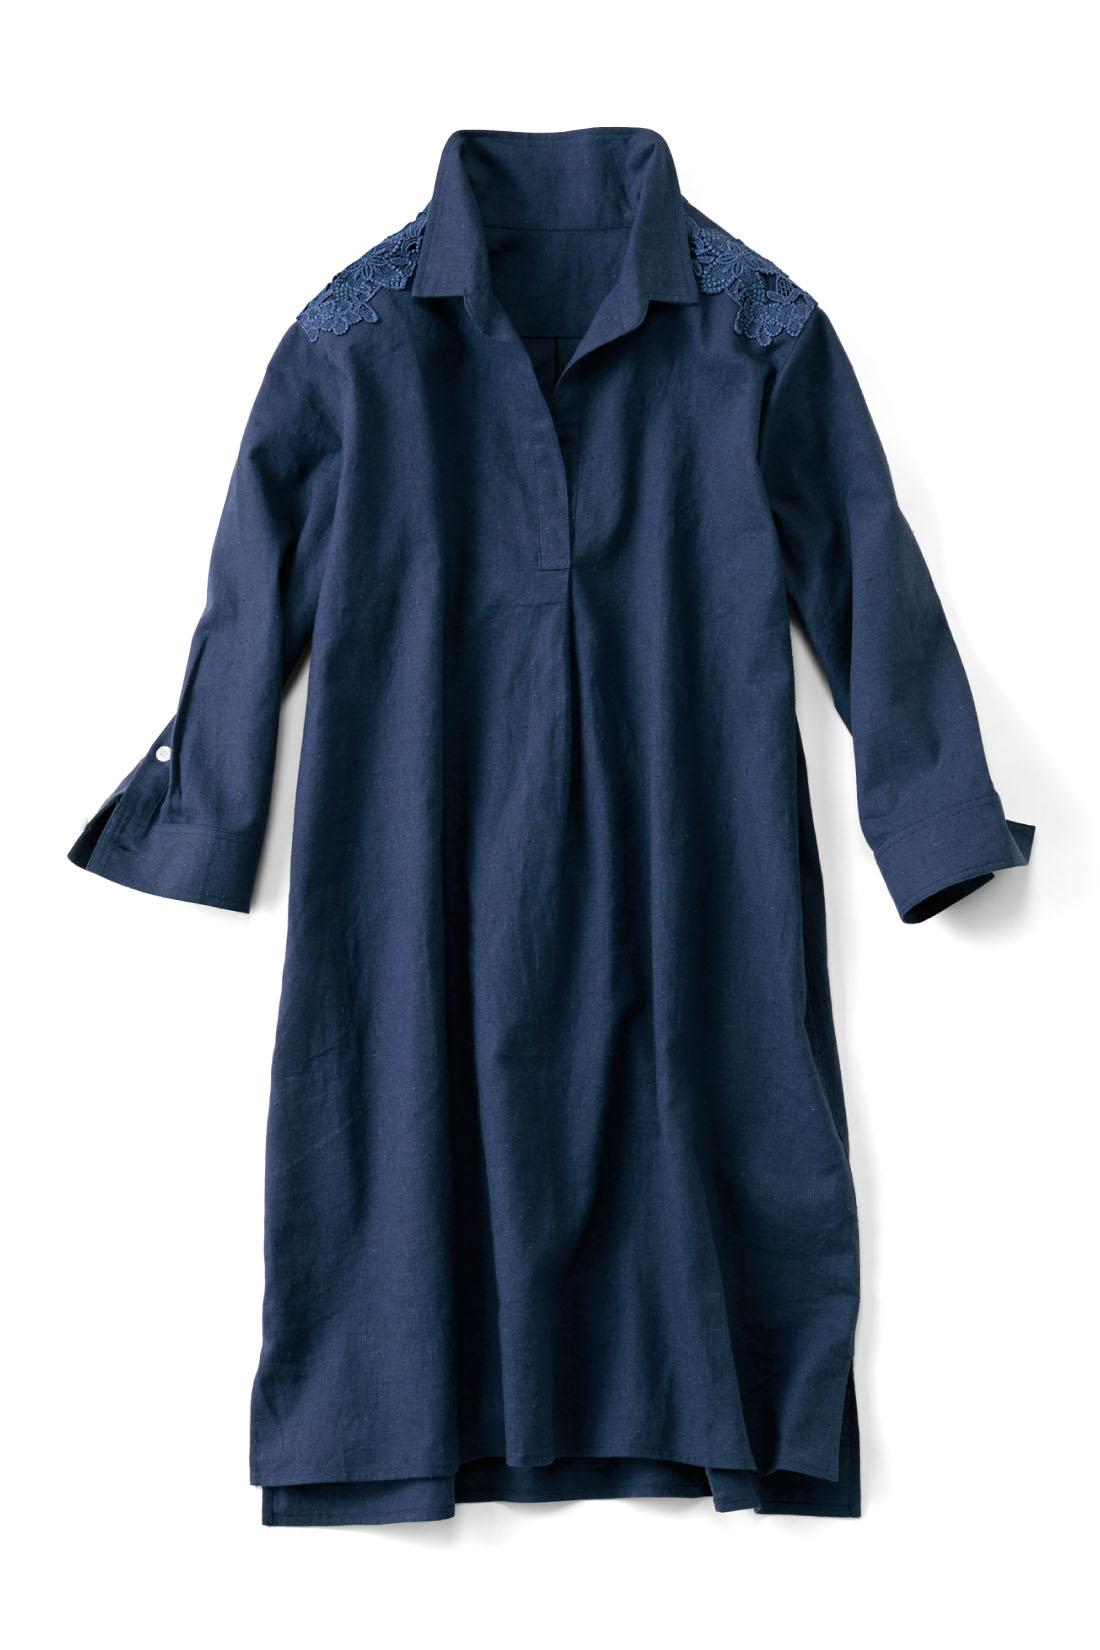 上品な【ネイビー】 サッと着られるスキッパータイプの胸もと。